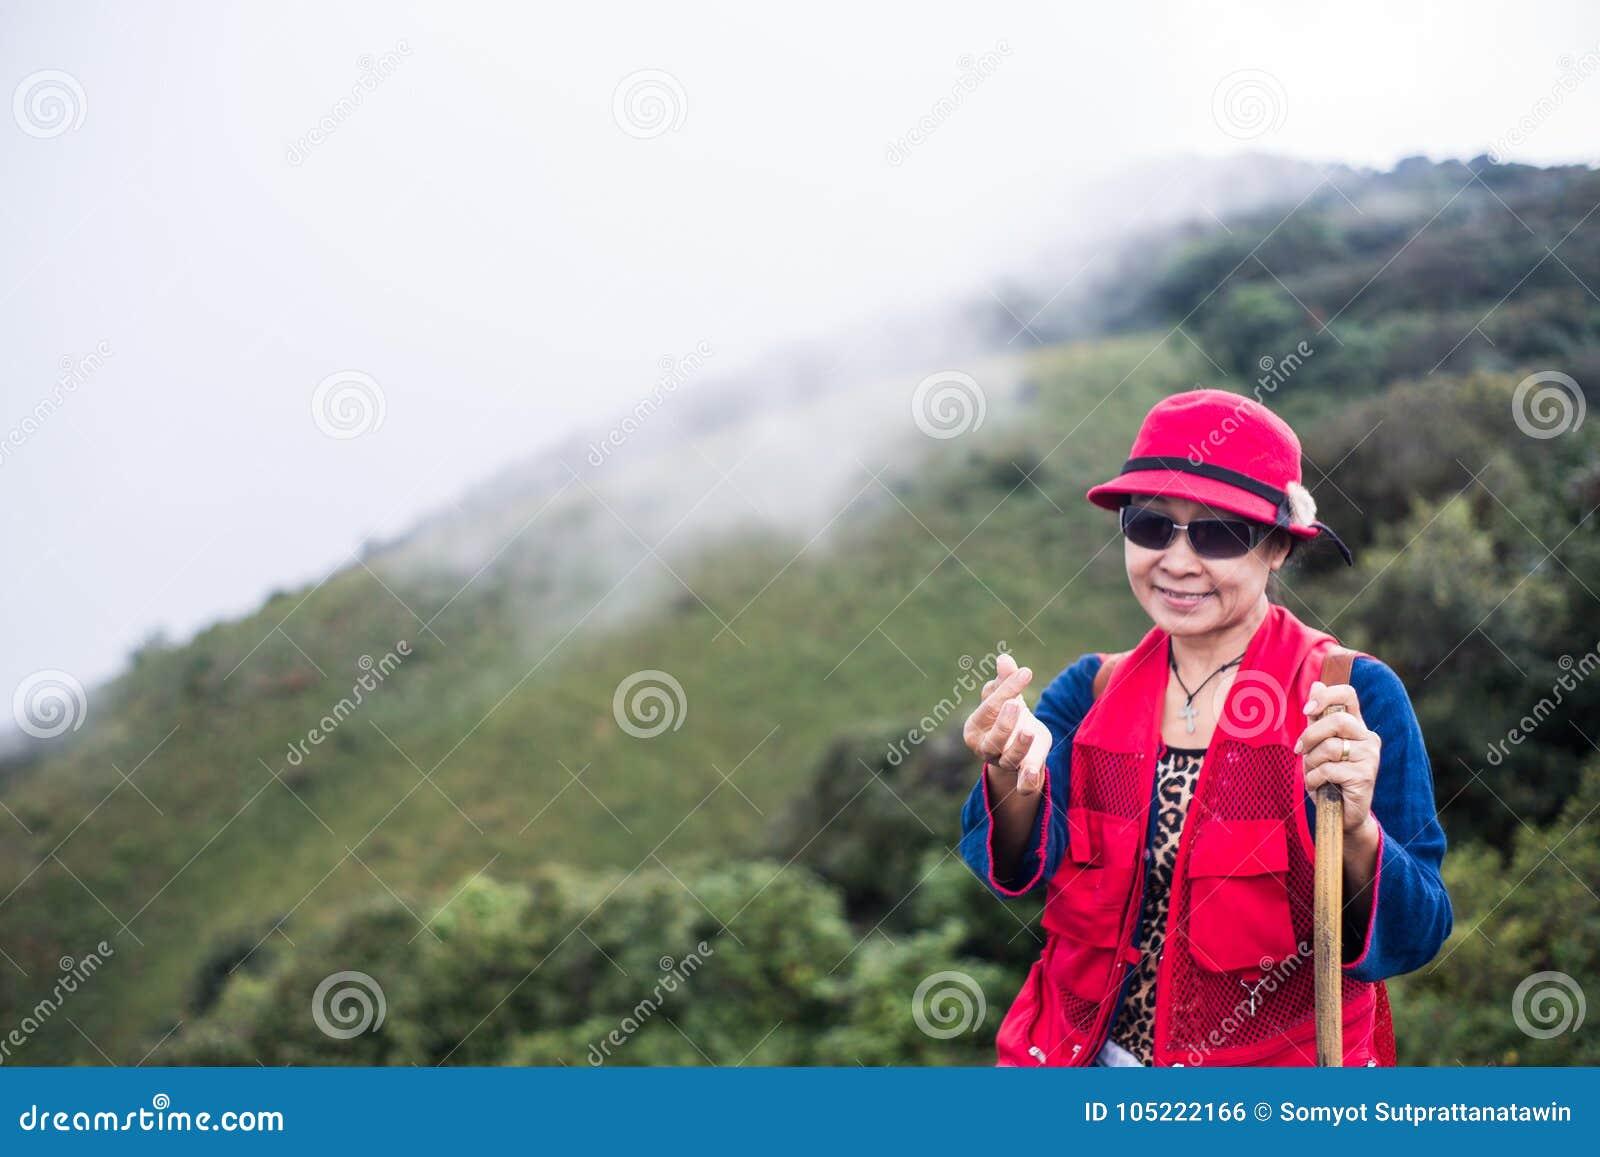 Asia trekker woman in red